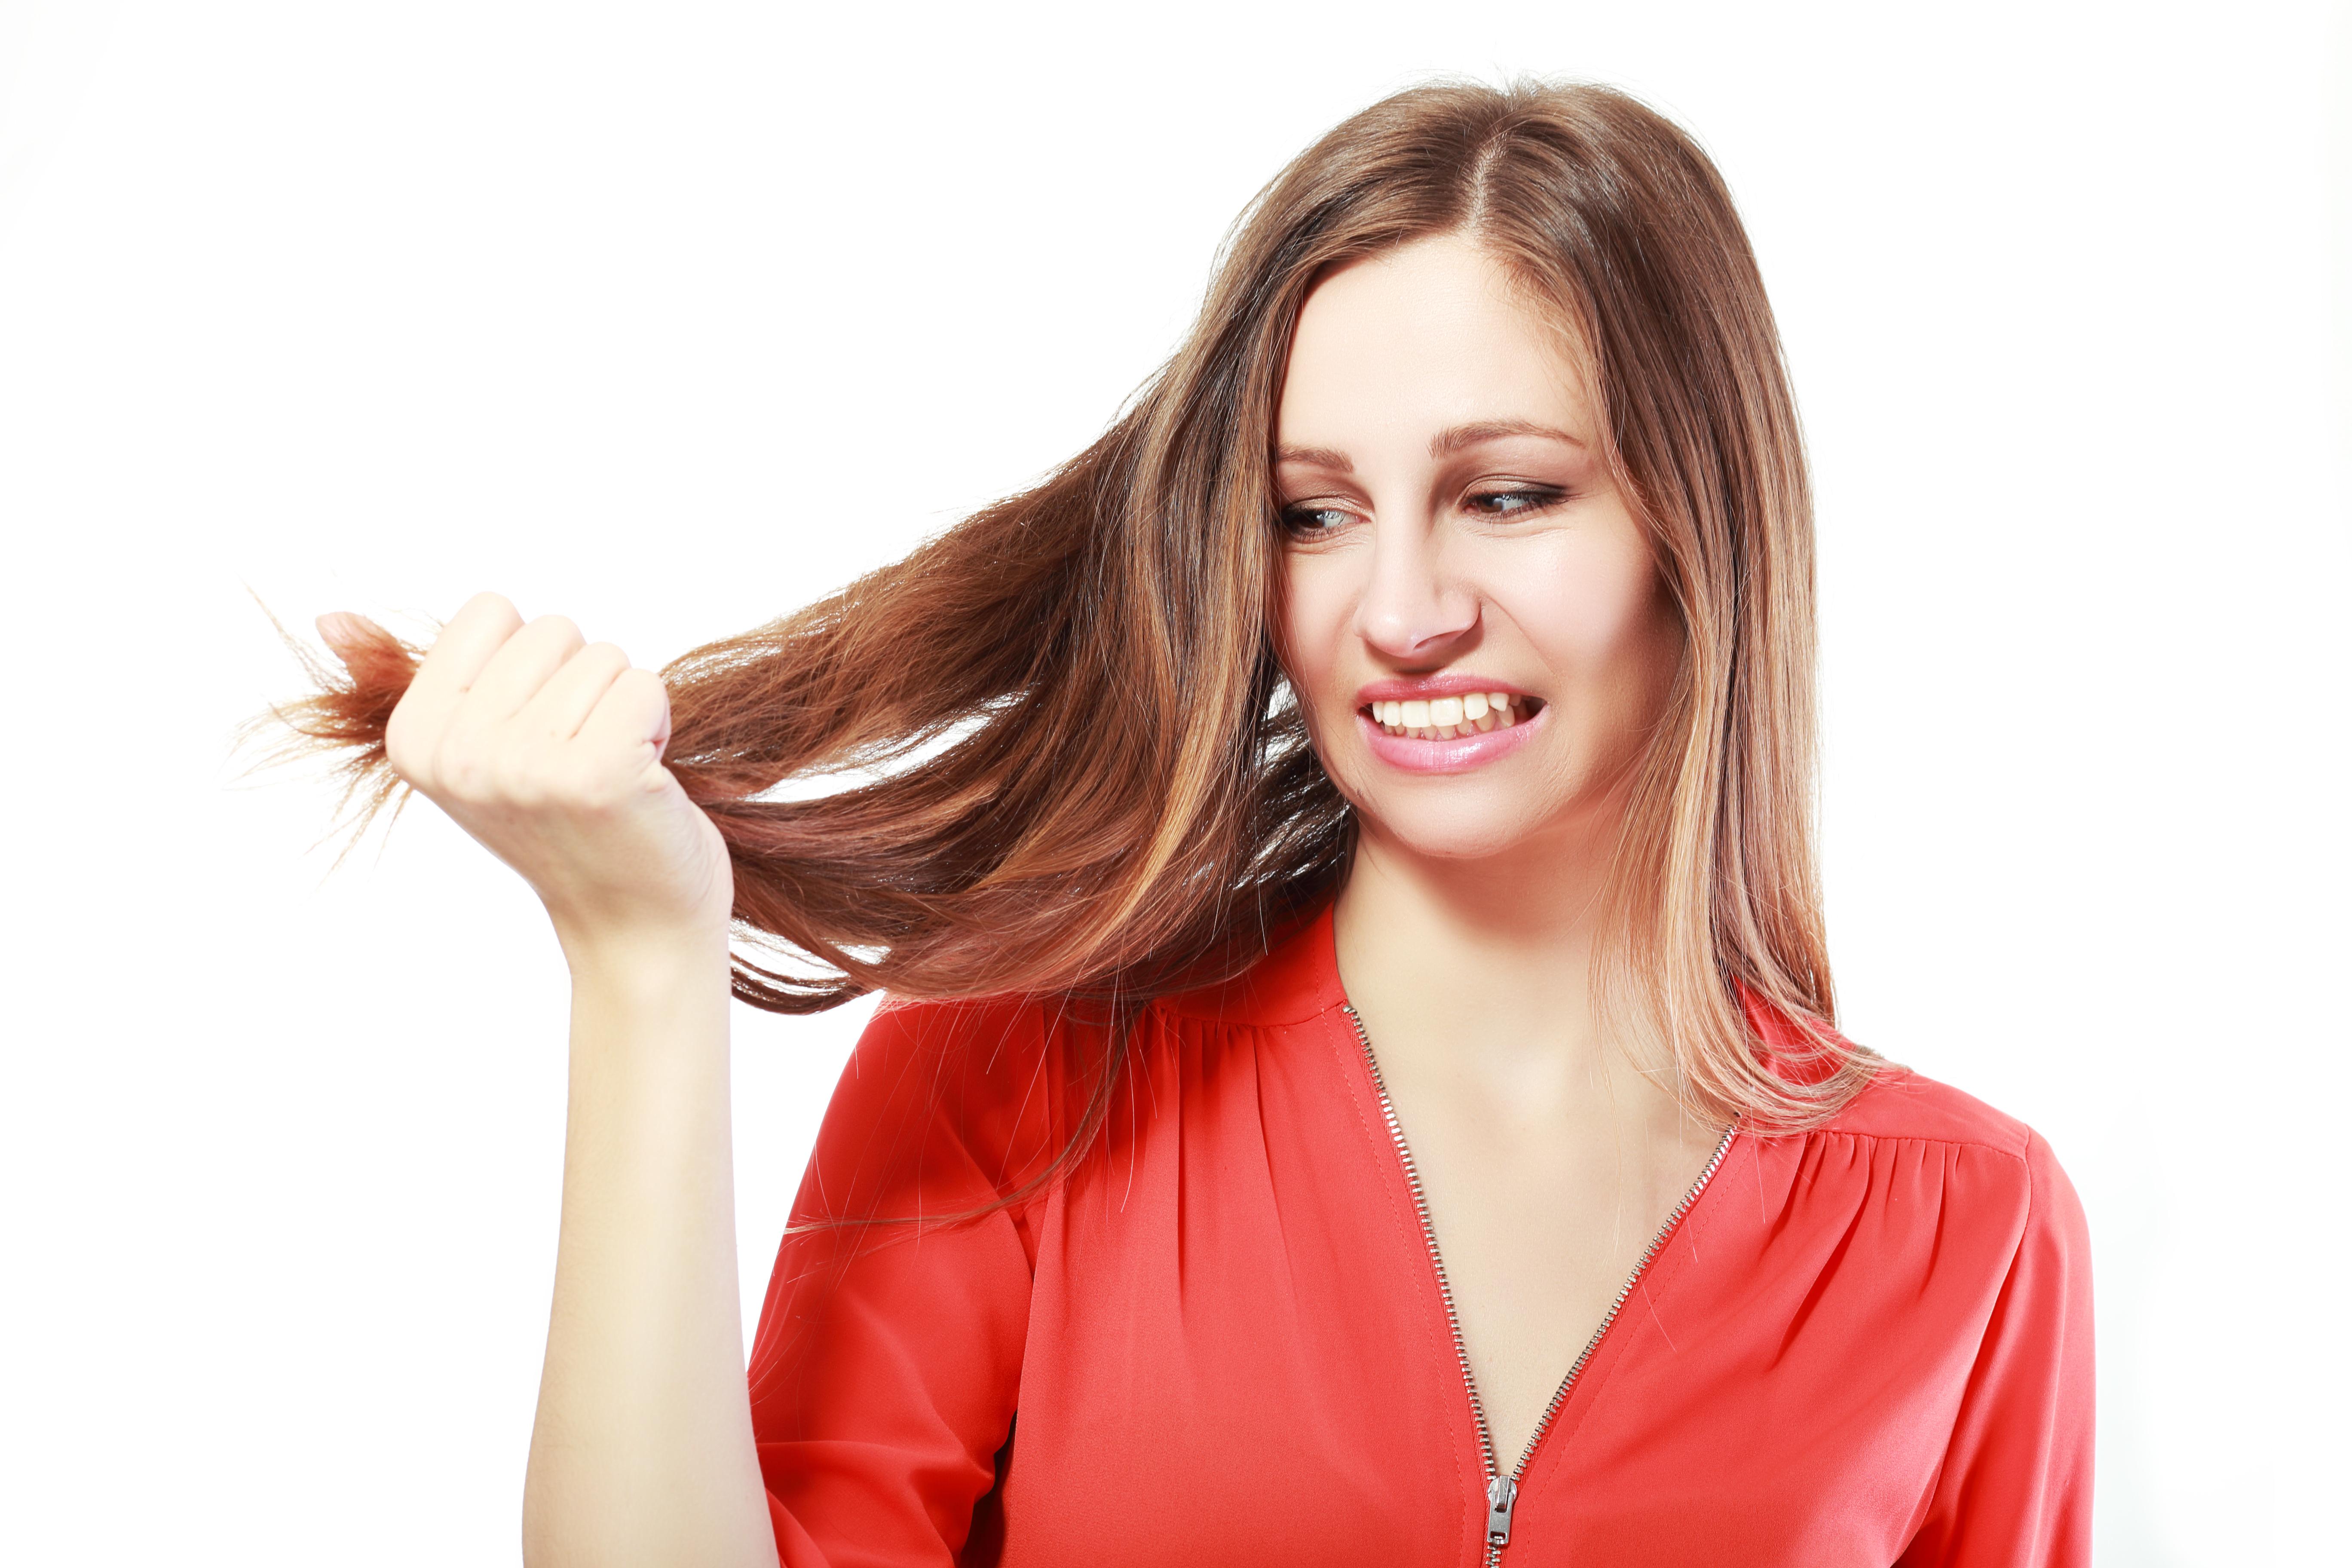 richtige haarpflege trockenes haar modische haarschnitte und haarf rbungen. Black Bedroom Furniture Sets. Home Design Ideas